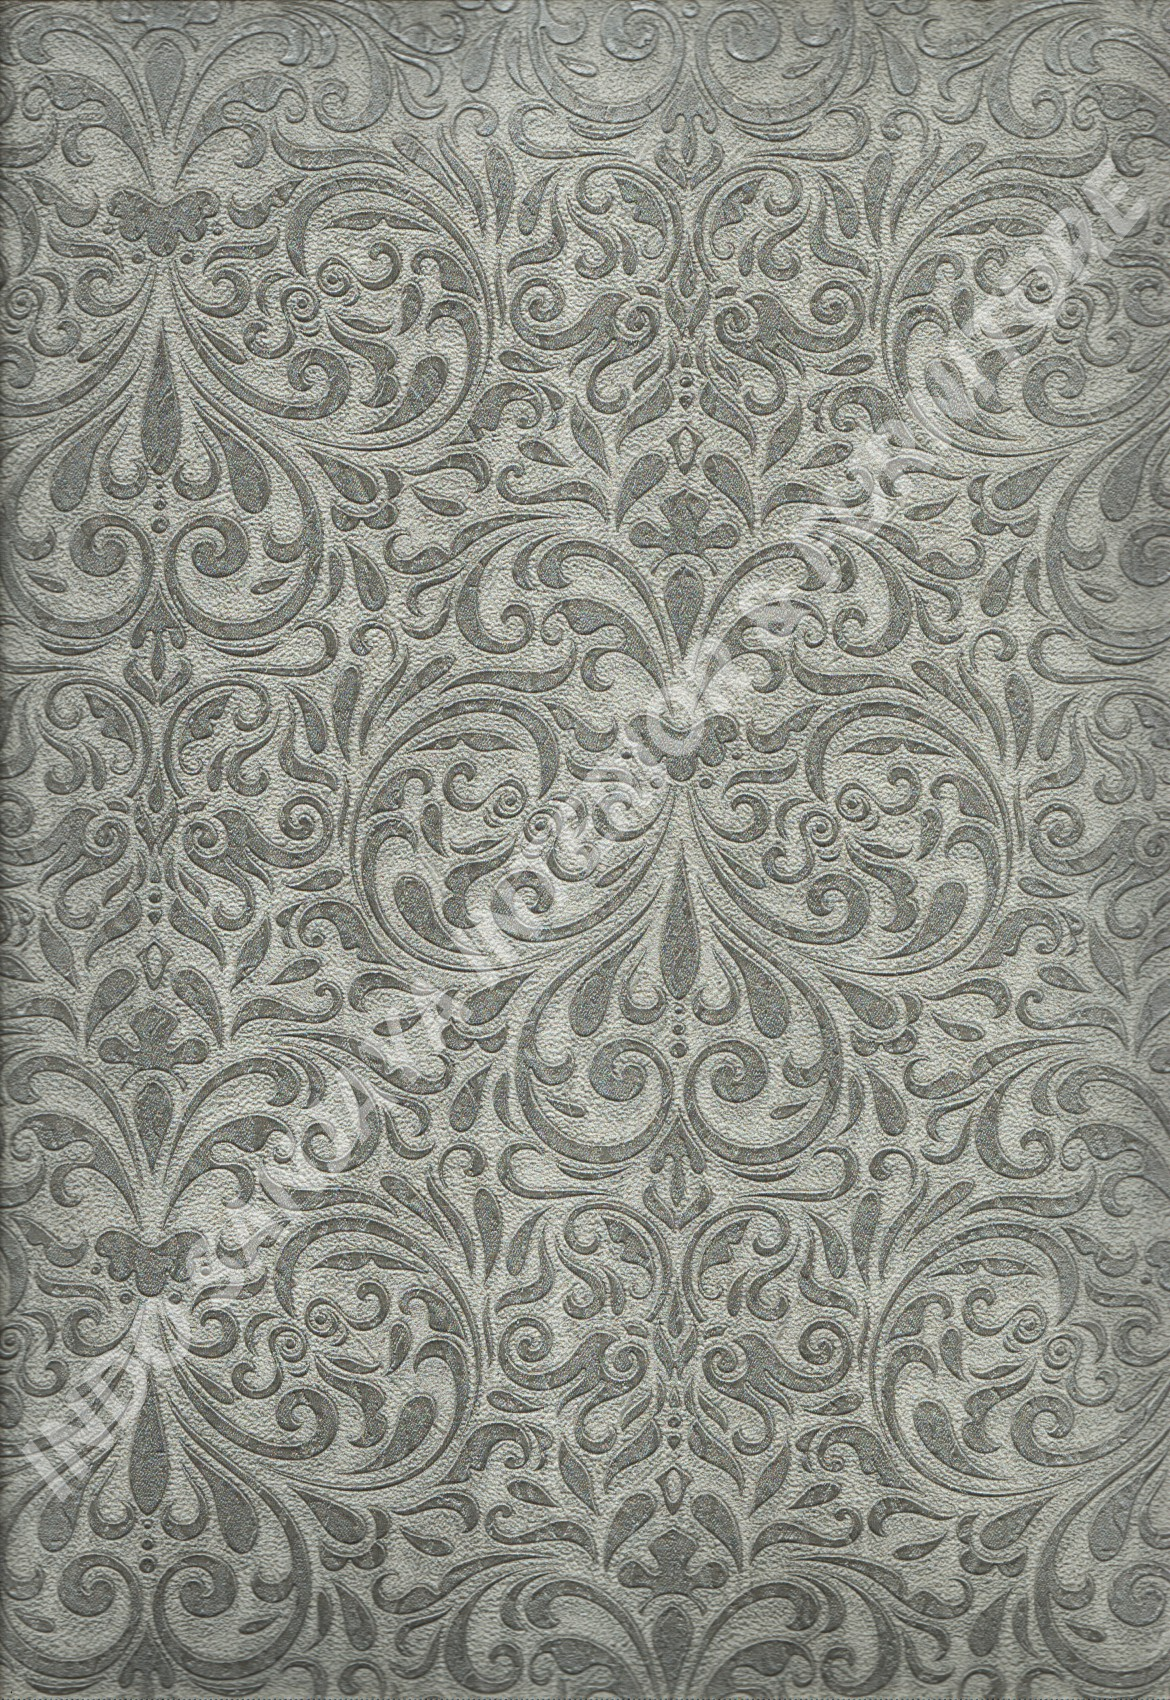 wallpaper   Wallpaper Bunga 11034:11034 corak  warna